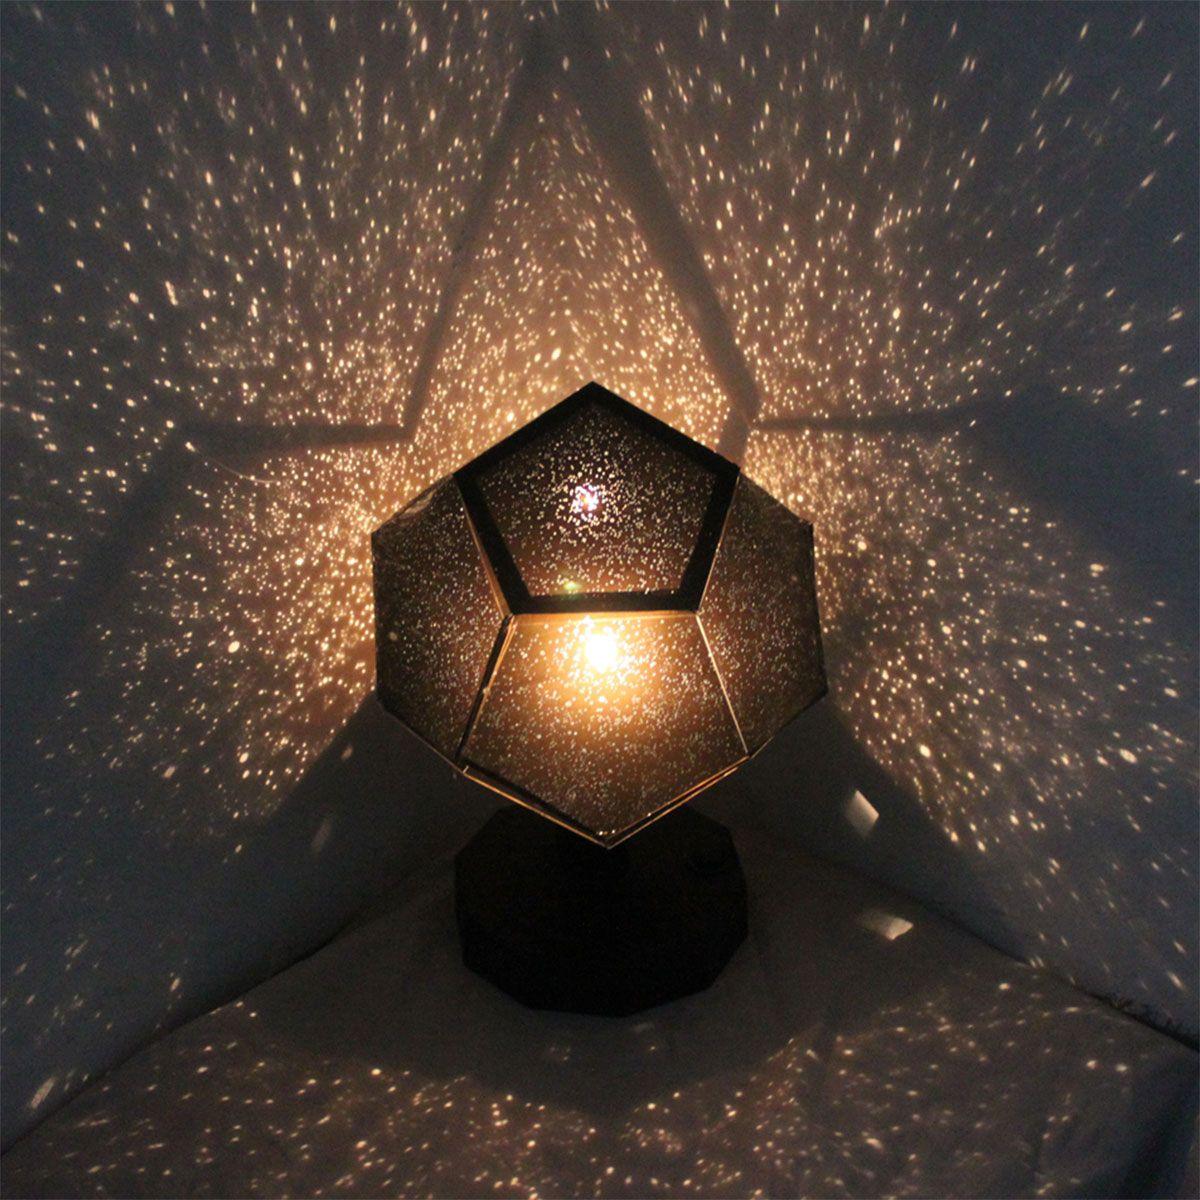 Diy Sternenhimmel Projektor Sternenhimmel Projektor Sternenhimmel Sternenhimmel Lampe